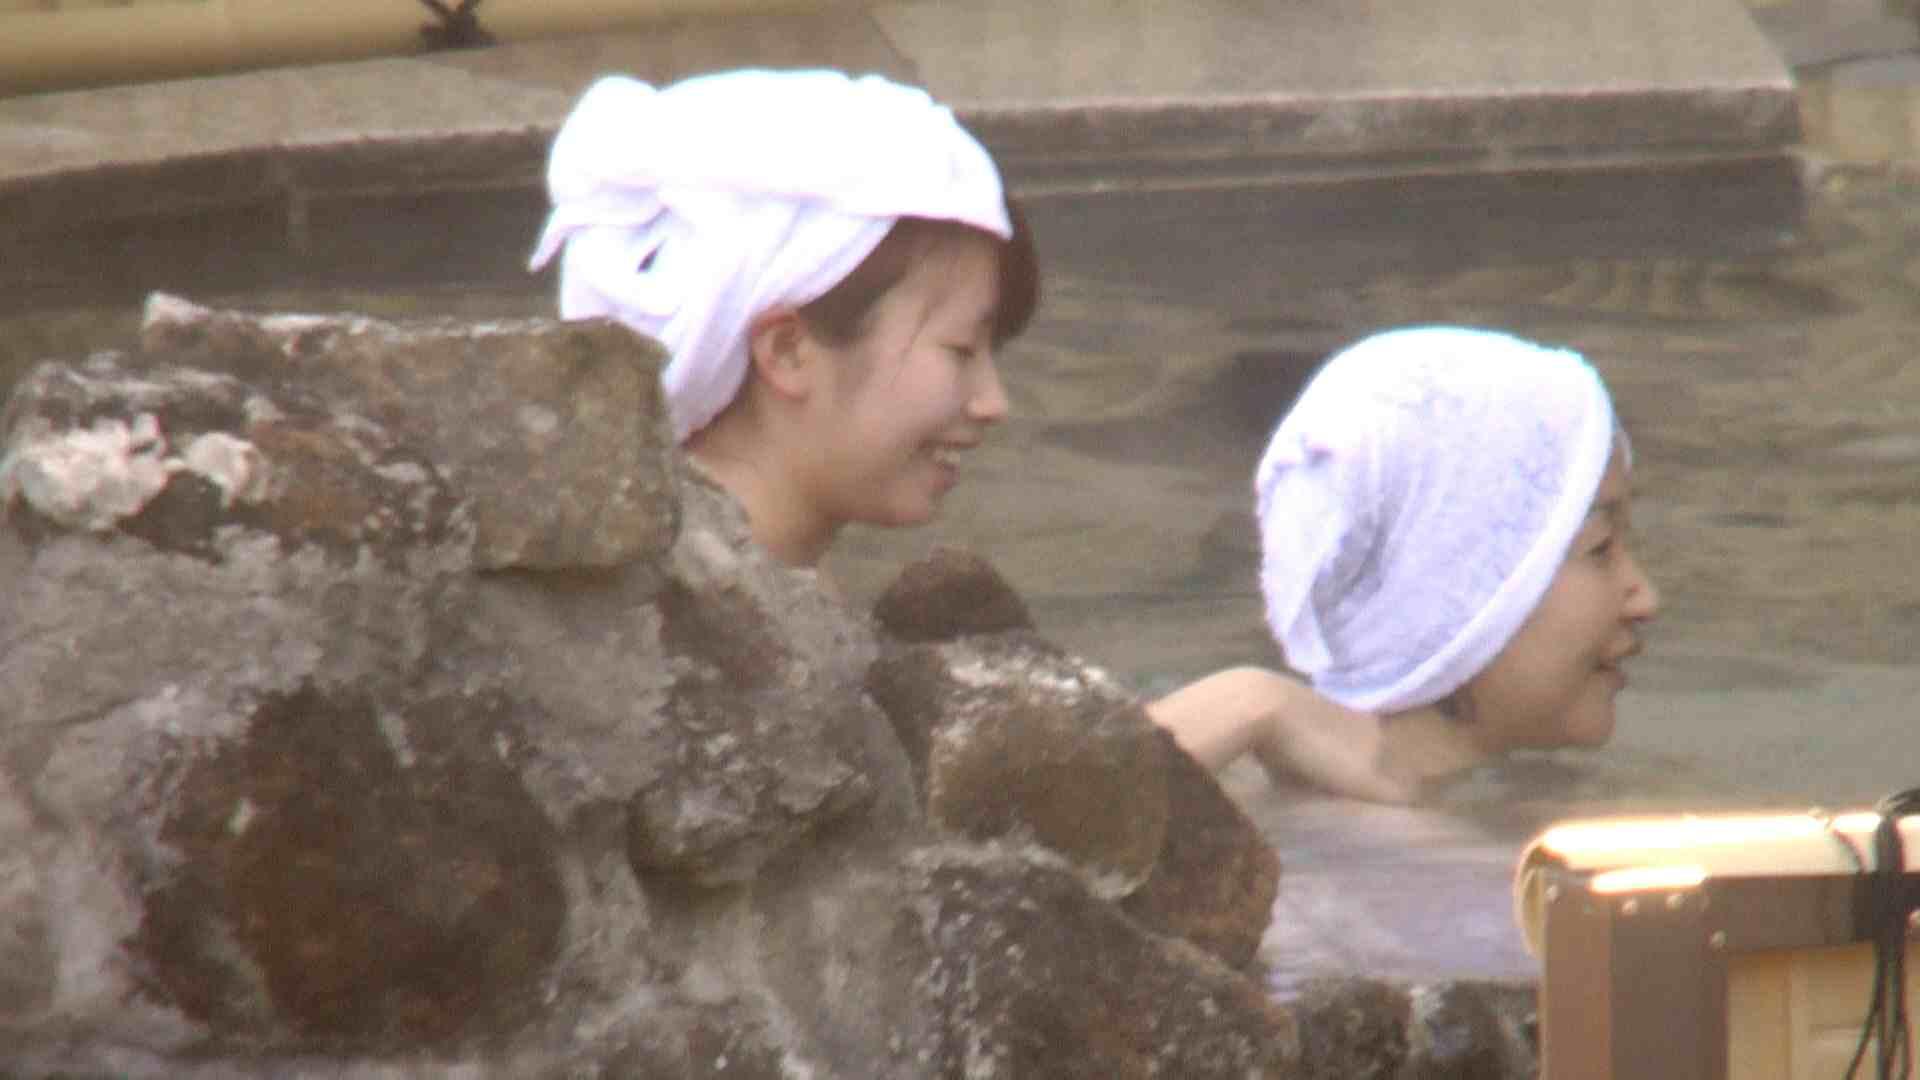 Aquaな露天風呂Vol.210 OLのエロ生活  83連発 81